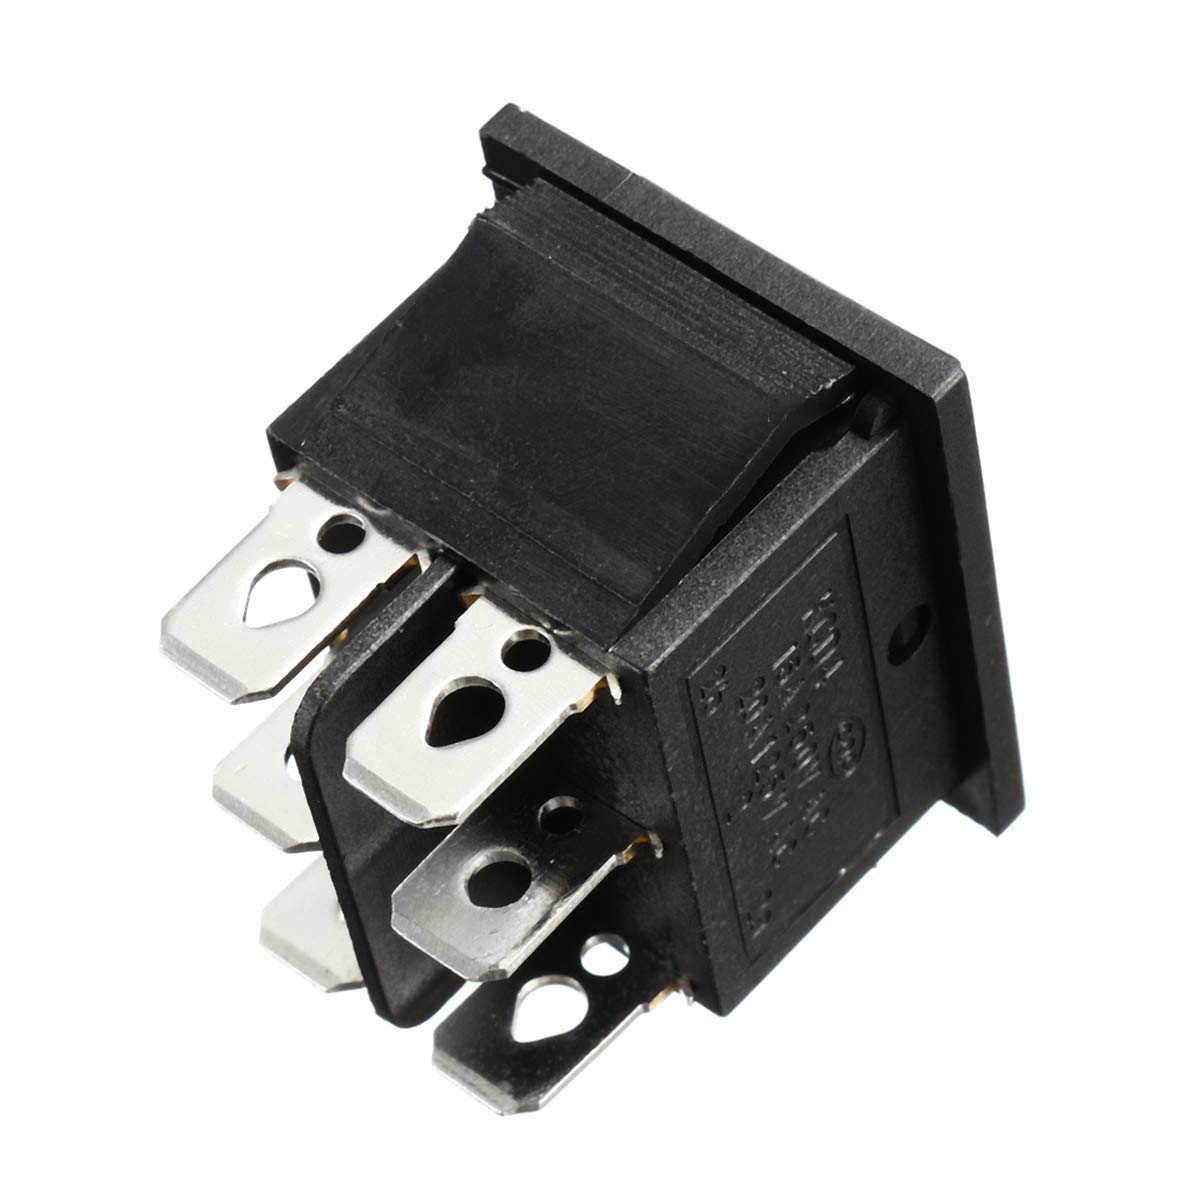 DyNamic 10 Piezas 250 V Ca 6 Pines 3 Posiciones Interruptor Basculante Alzamiento Barco On-Off-On Interruptor De Bot/ón Pulsador